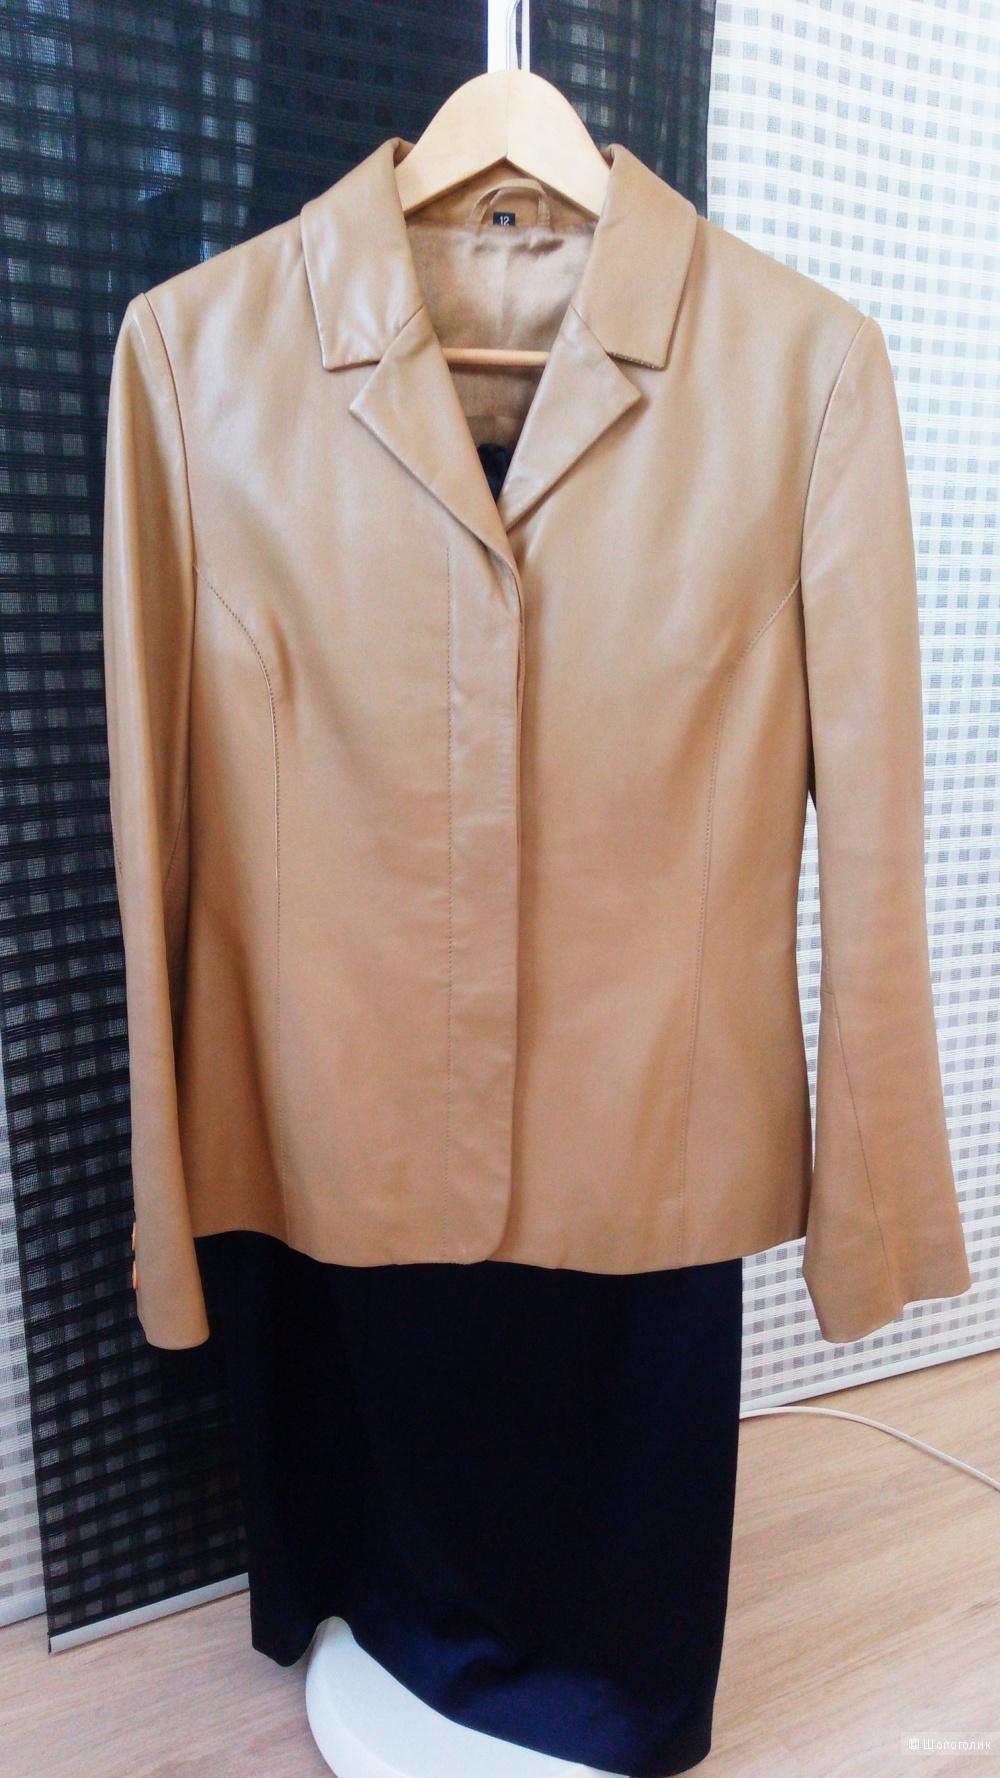 Кожаная куртка-пиджак, 12 размер на 44-46 русский